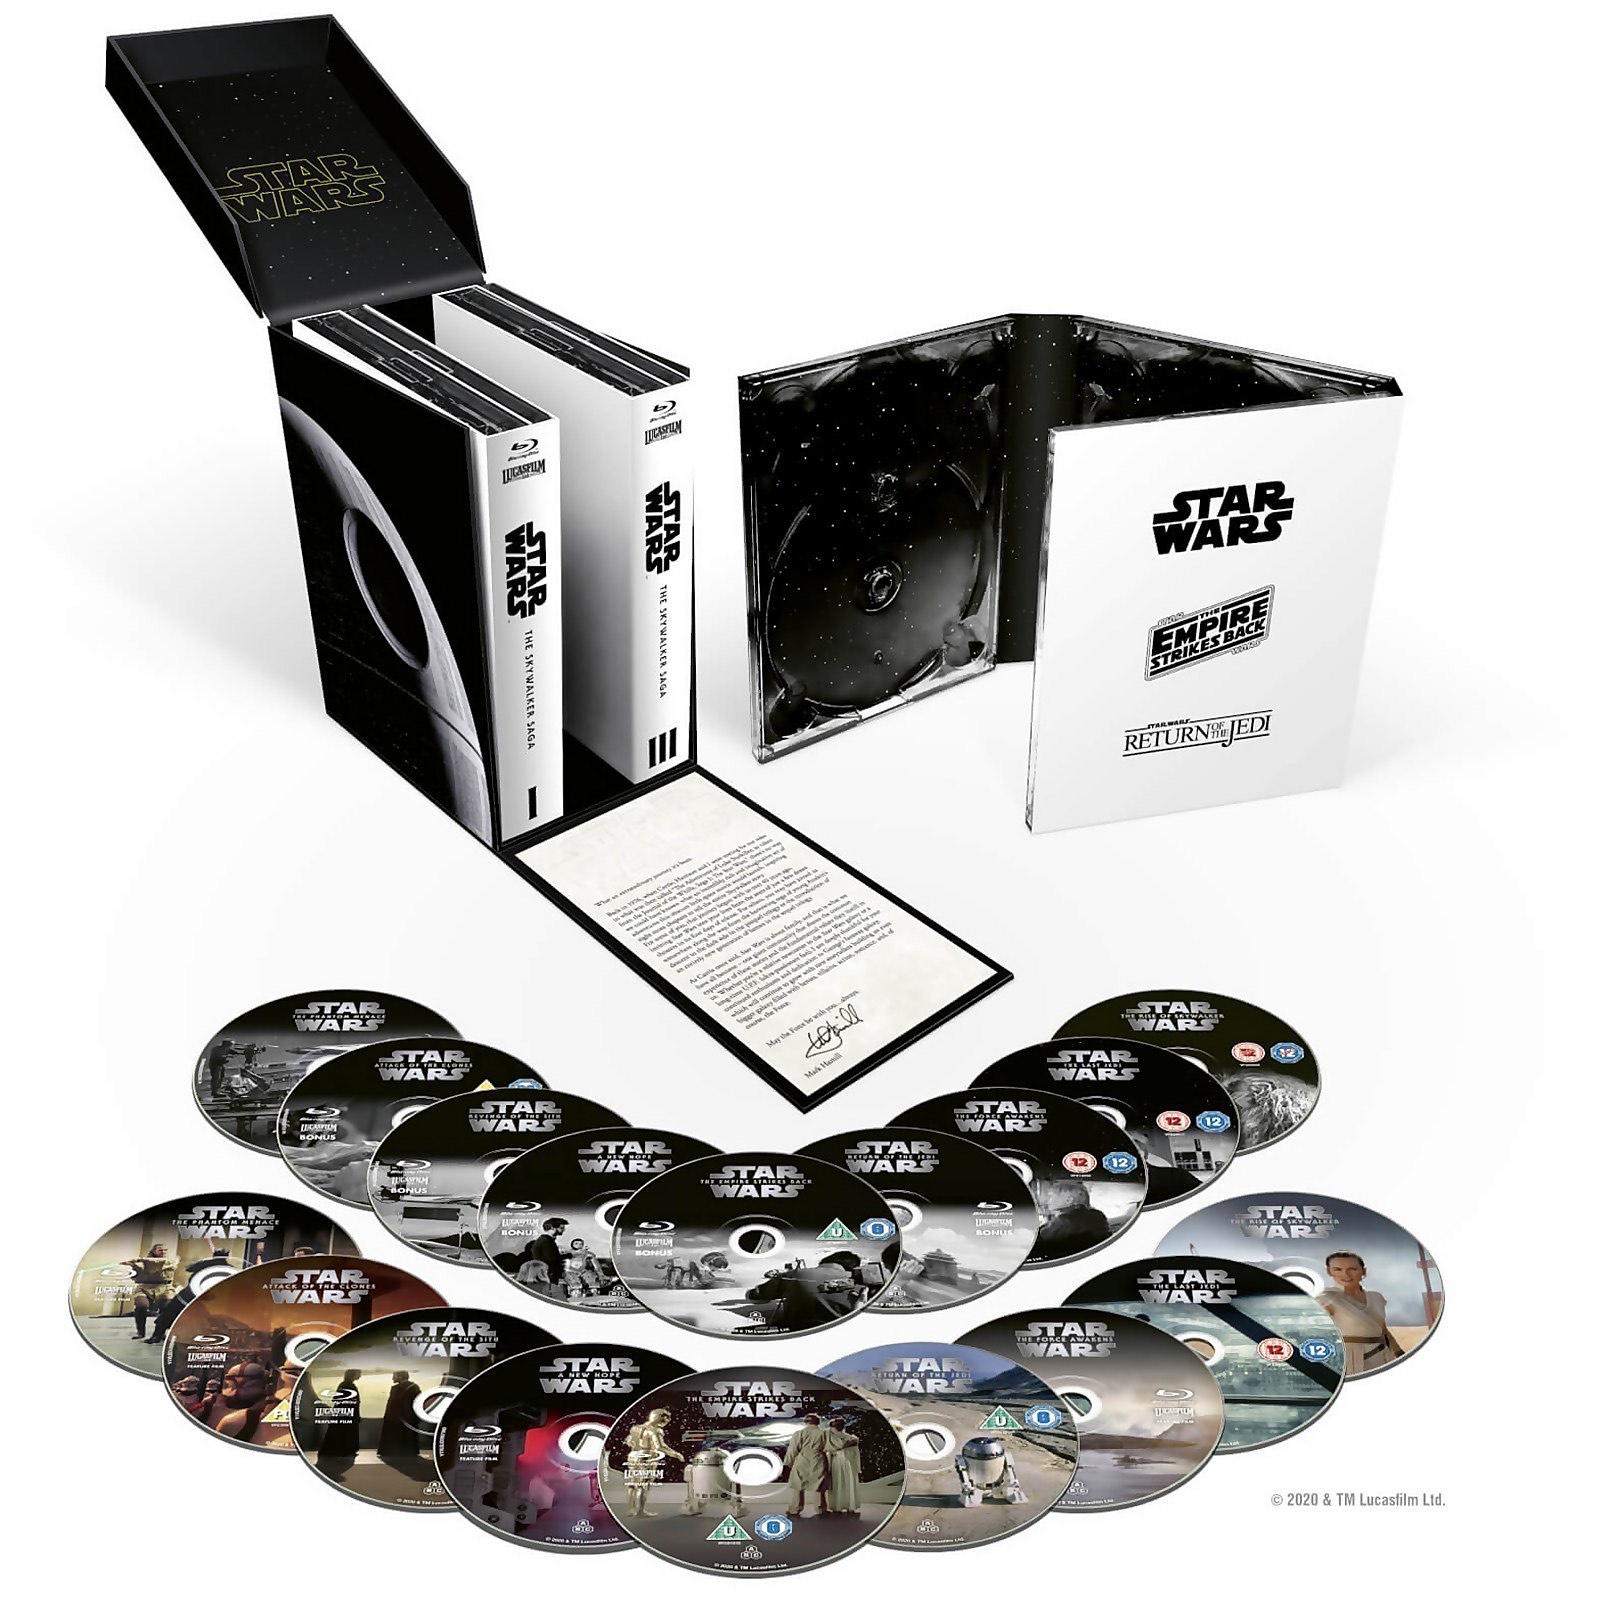 BLURAY Saga Completa STARWARS 9 Películas+9 discos extra SkywalkerSaga